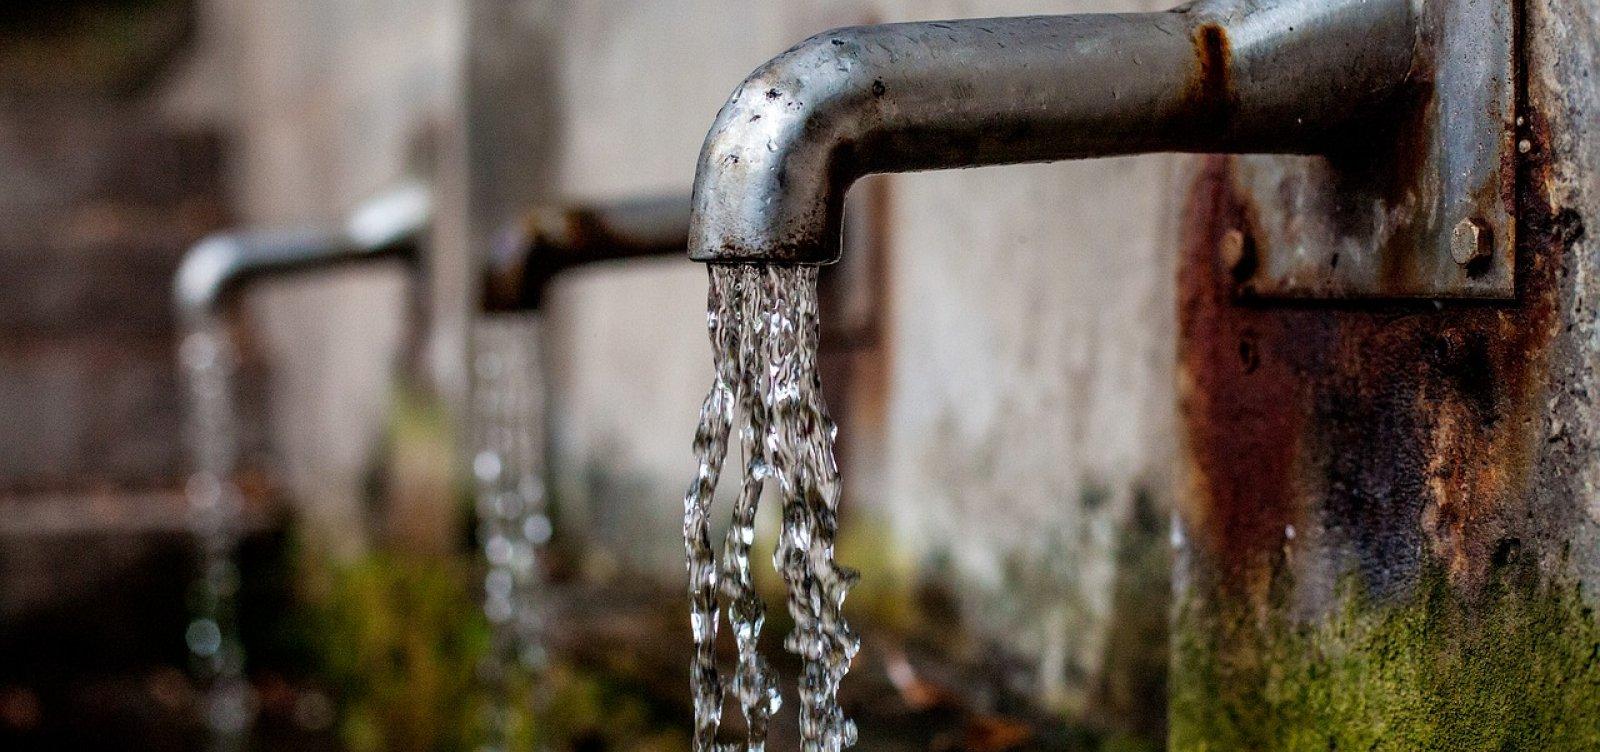 [Embasa retoma abastecimento de água após manutenção afetar 21 bairros]